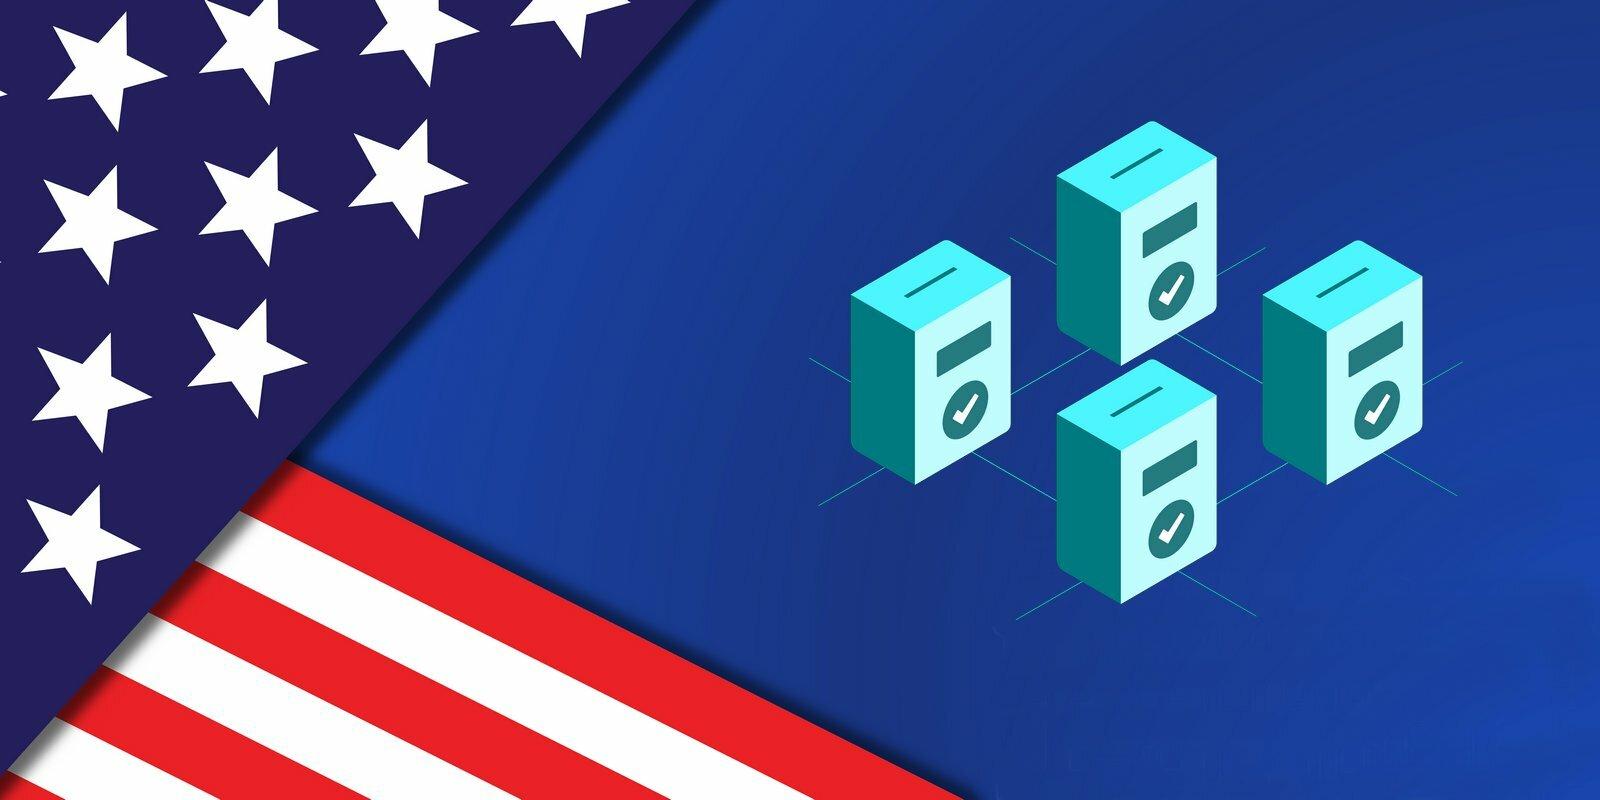 Élections américaines : la communauté crypto soutient le vote blockchain